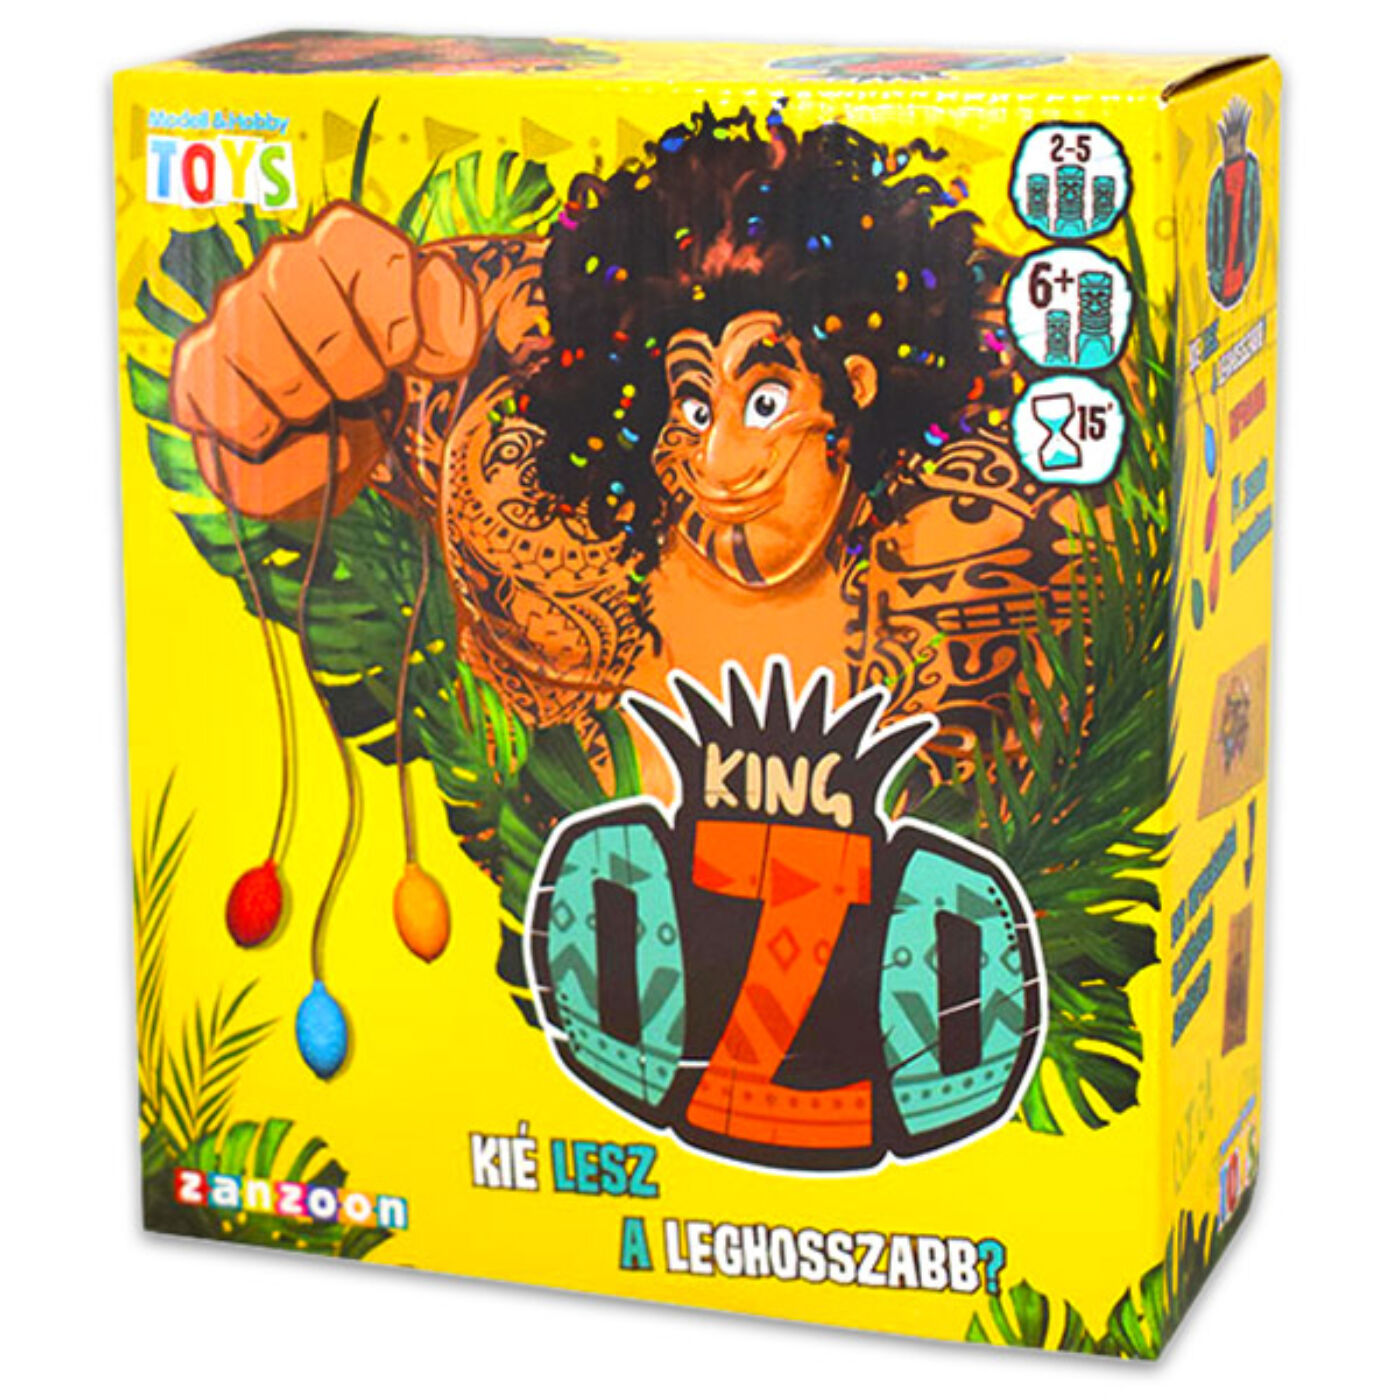 King ozo-Kié lesz a leghosszabb